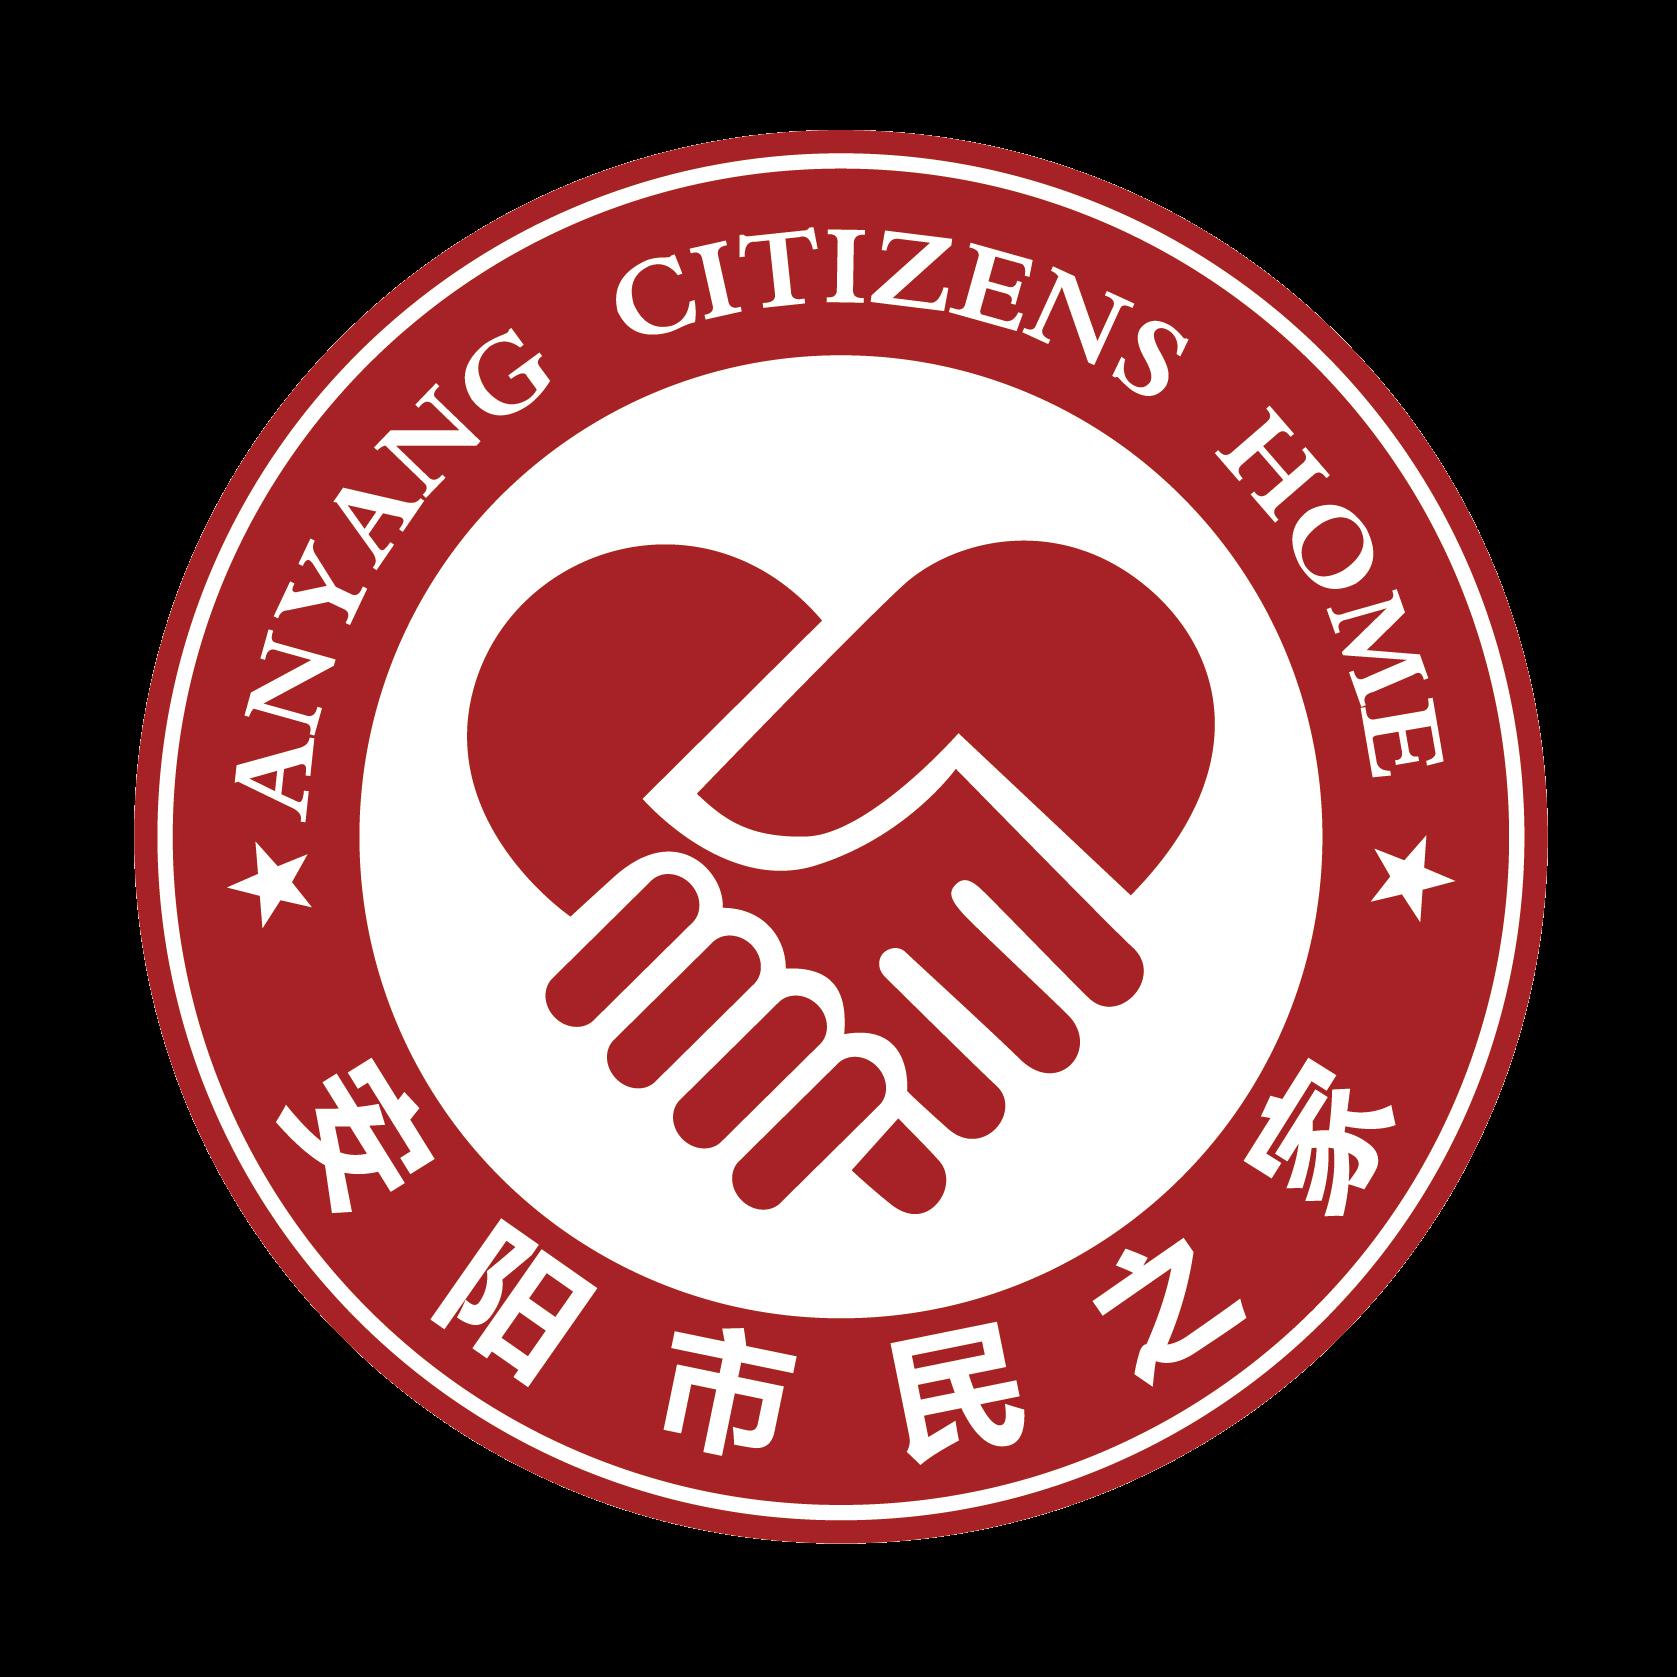 安馨办(安阳市民之家)app官方版v2.0.0 最新版